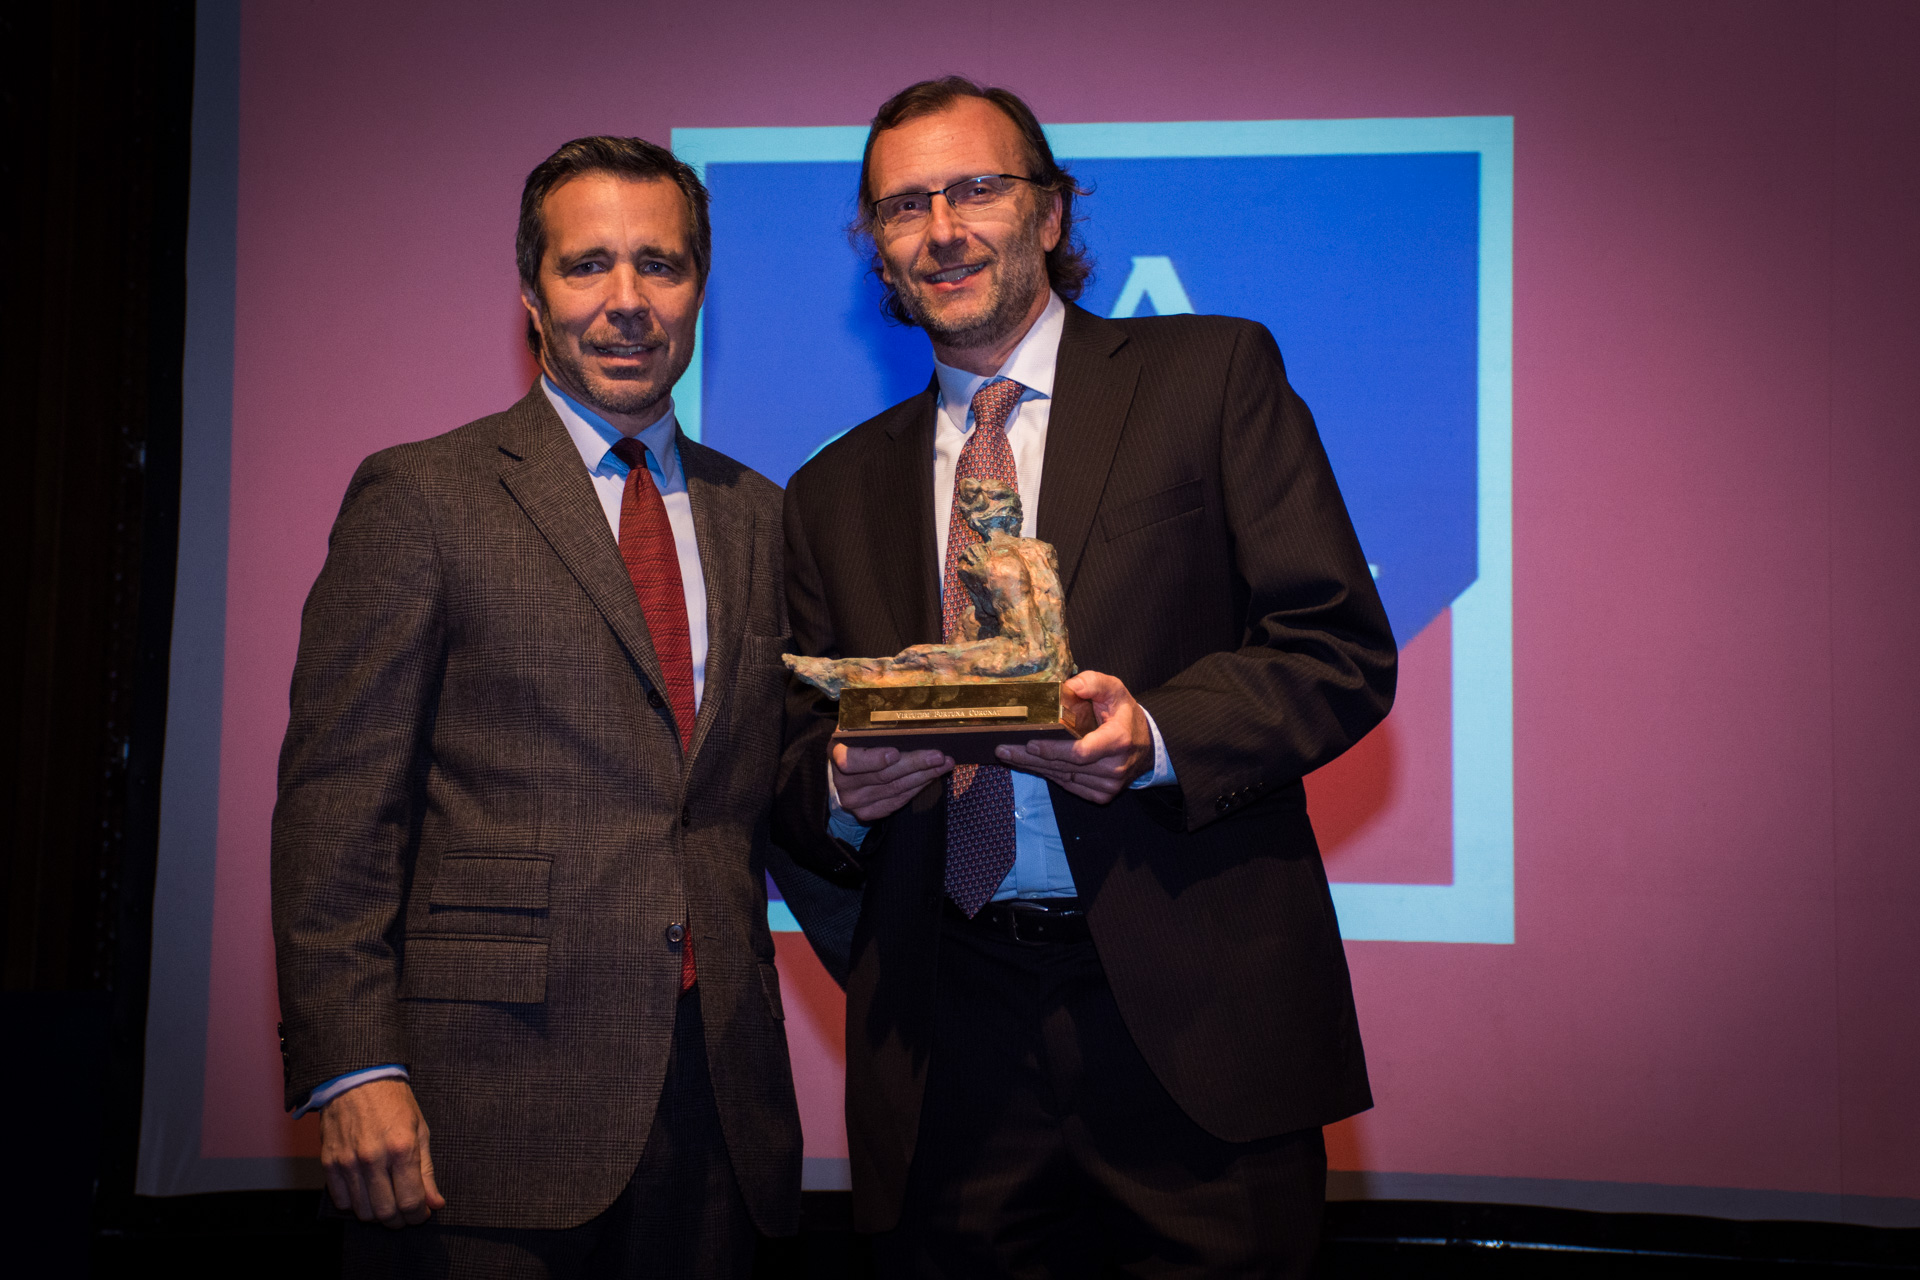 La Caja obtuvo el premio a la Mejor Empresa de Seguros. Recibió Jorge Mignone, su CEO, de manos del director de ventas institucionales de Editorial Perfil, Carlos Escobar